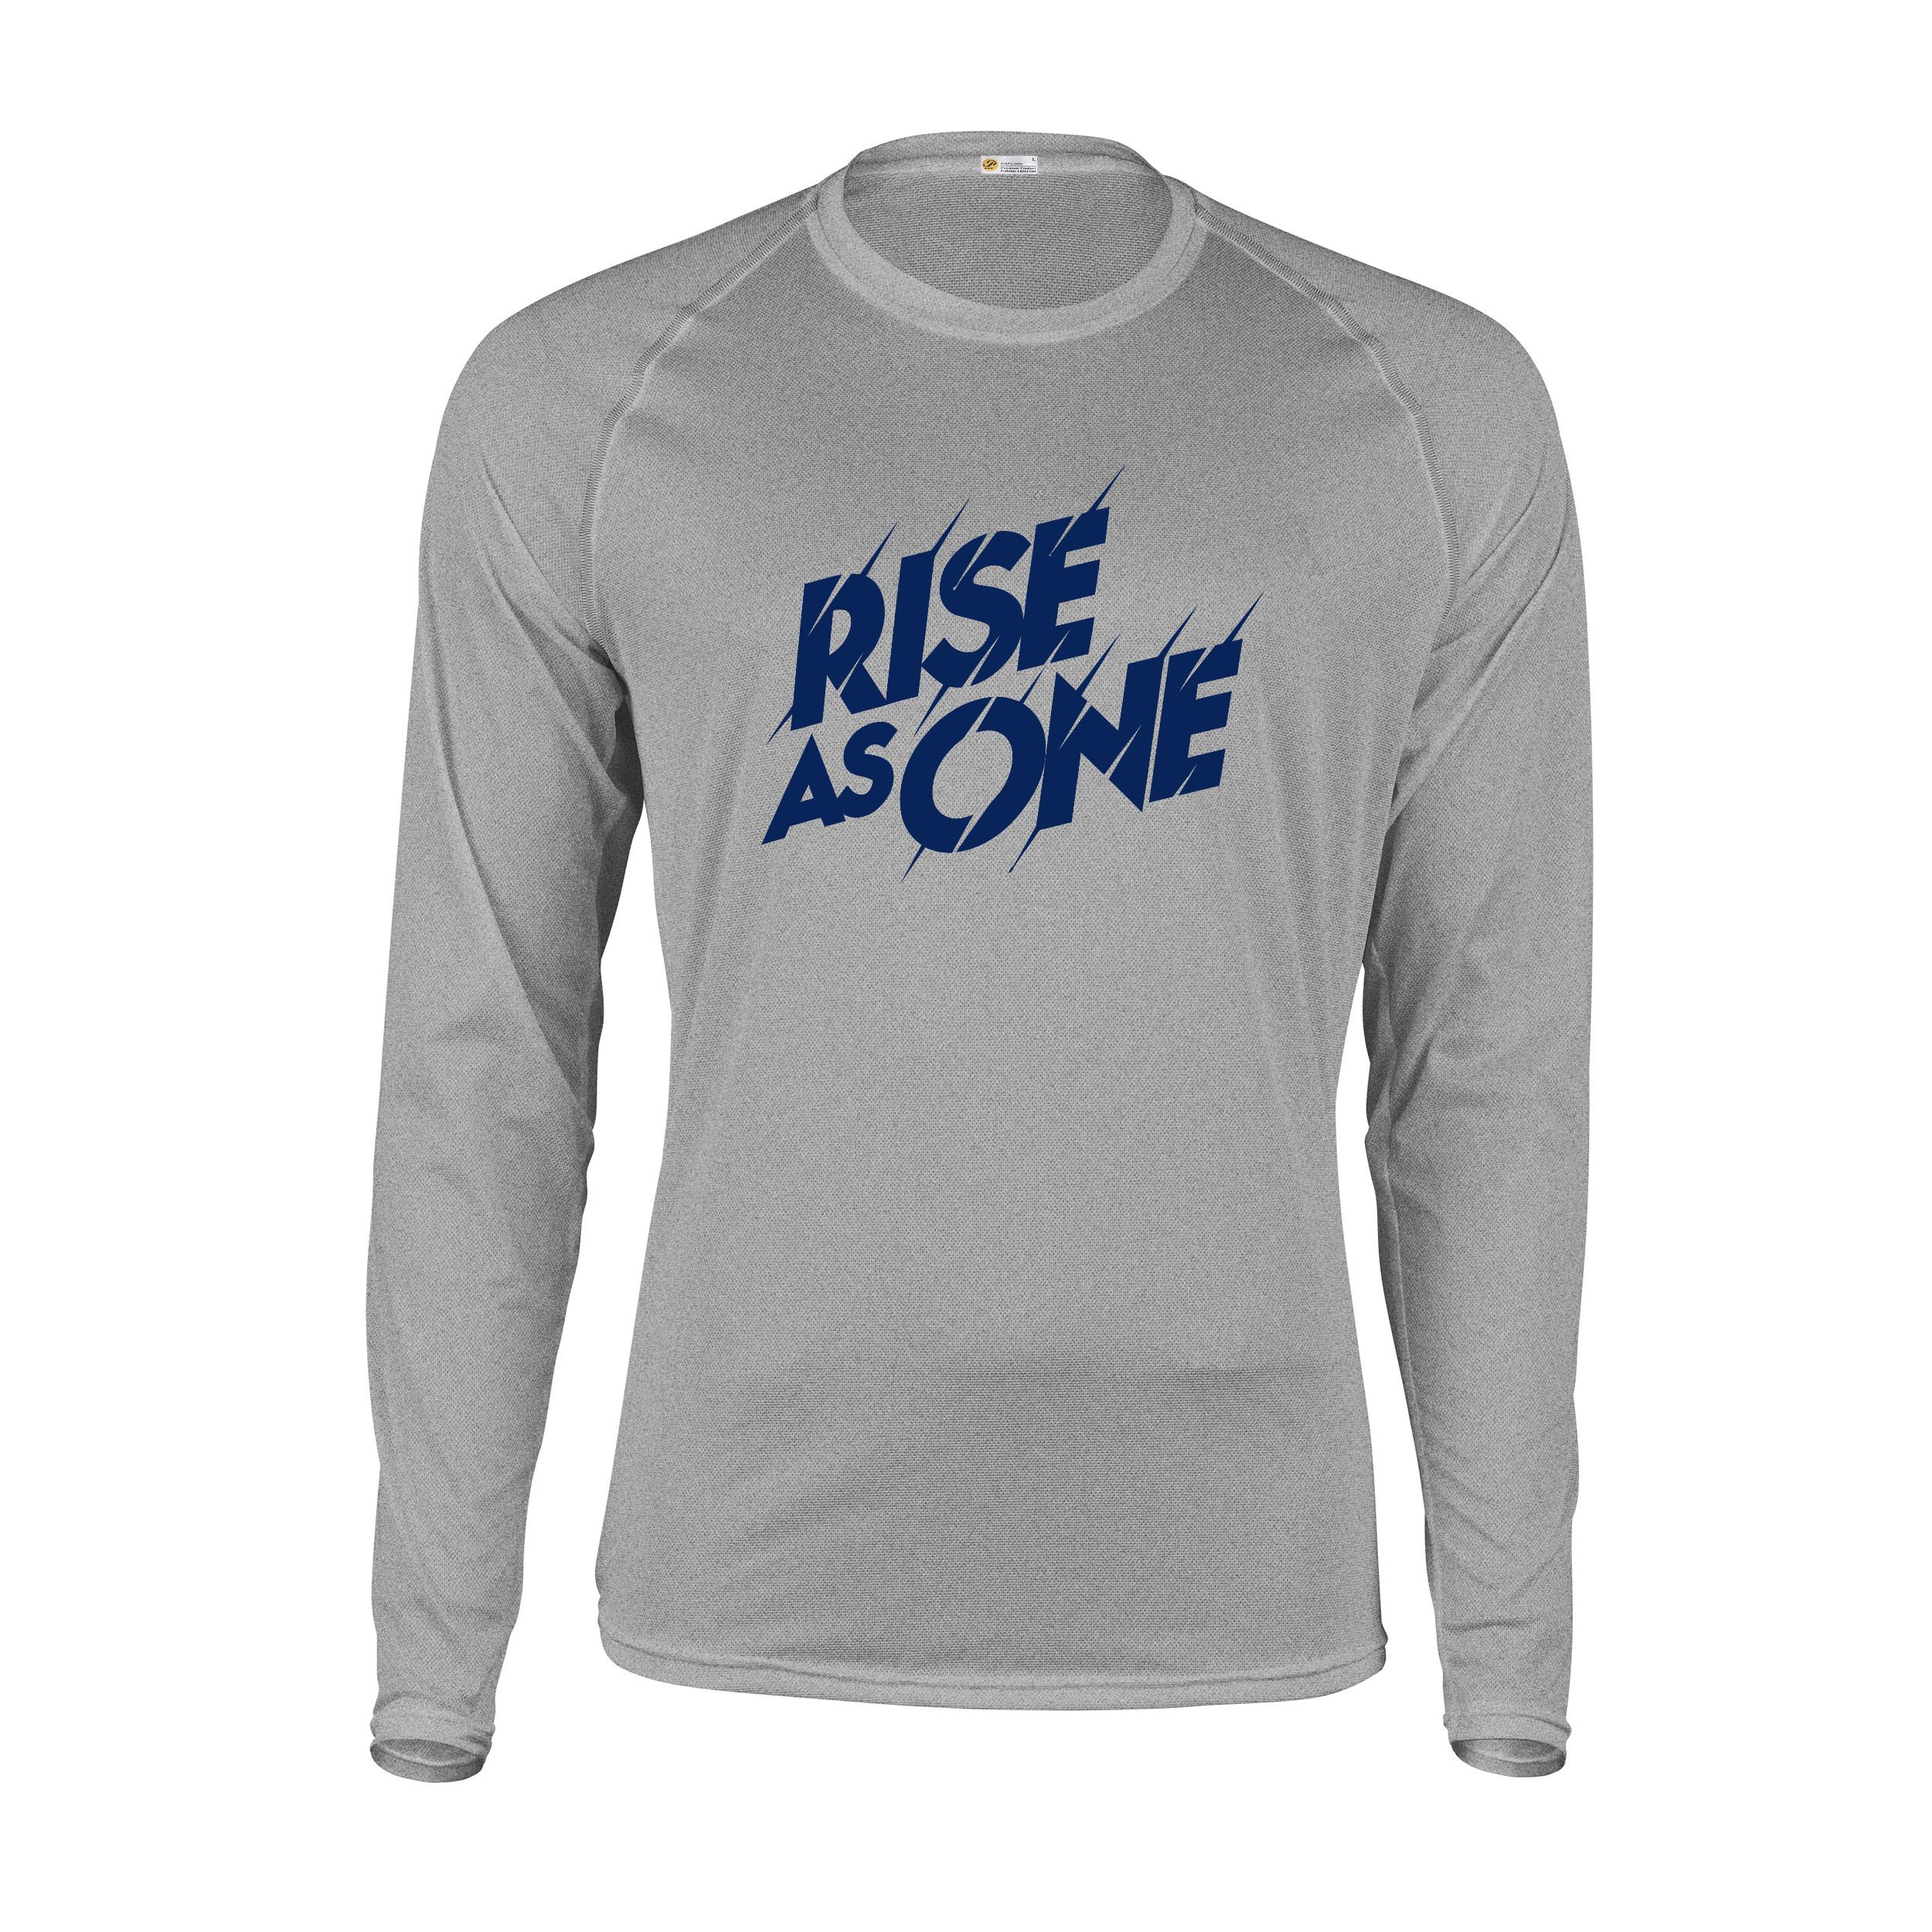 تیشرت آستین بلند مردانه پاتیلوک طرح Rise as One کد 330901